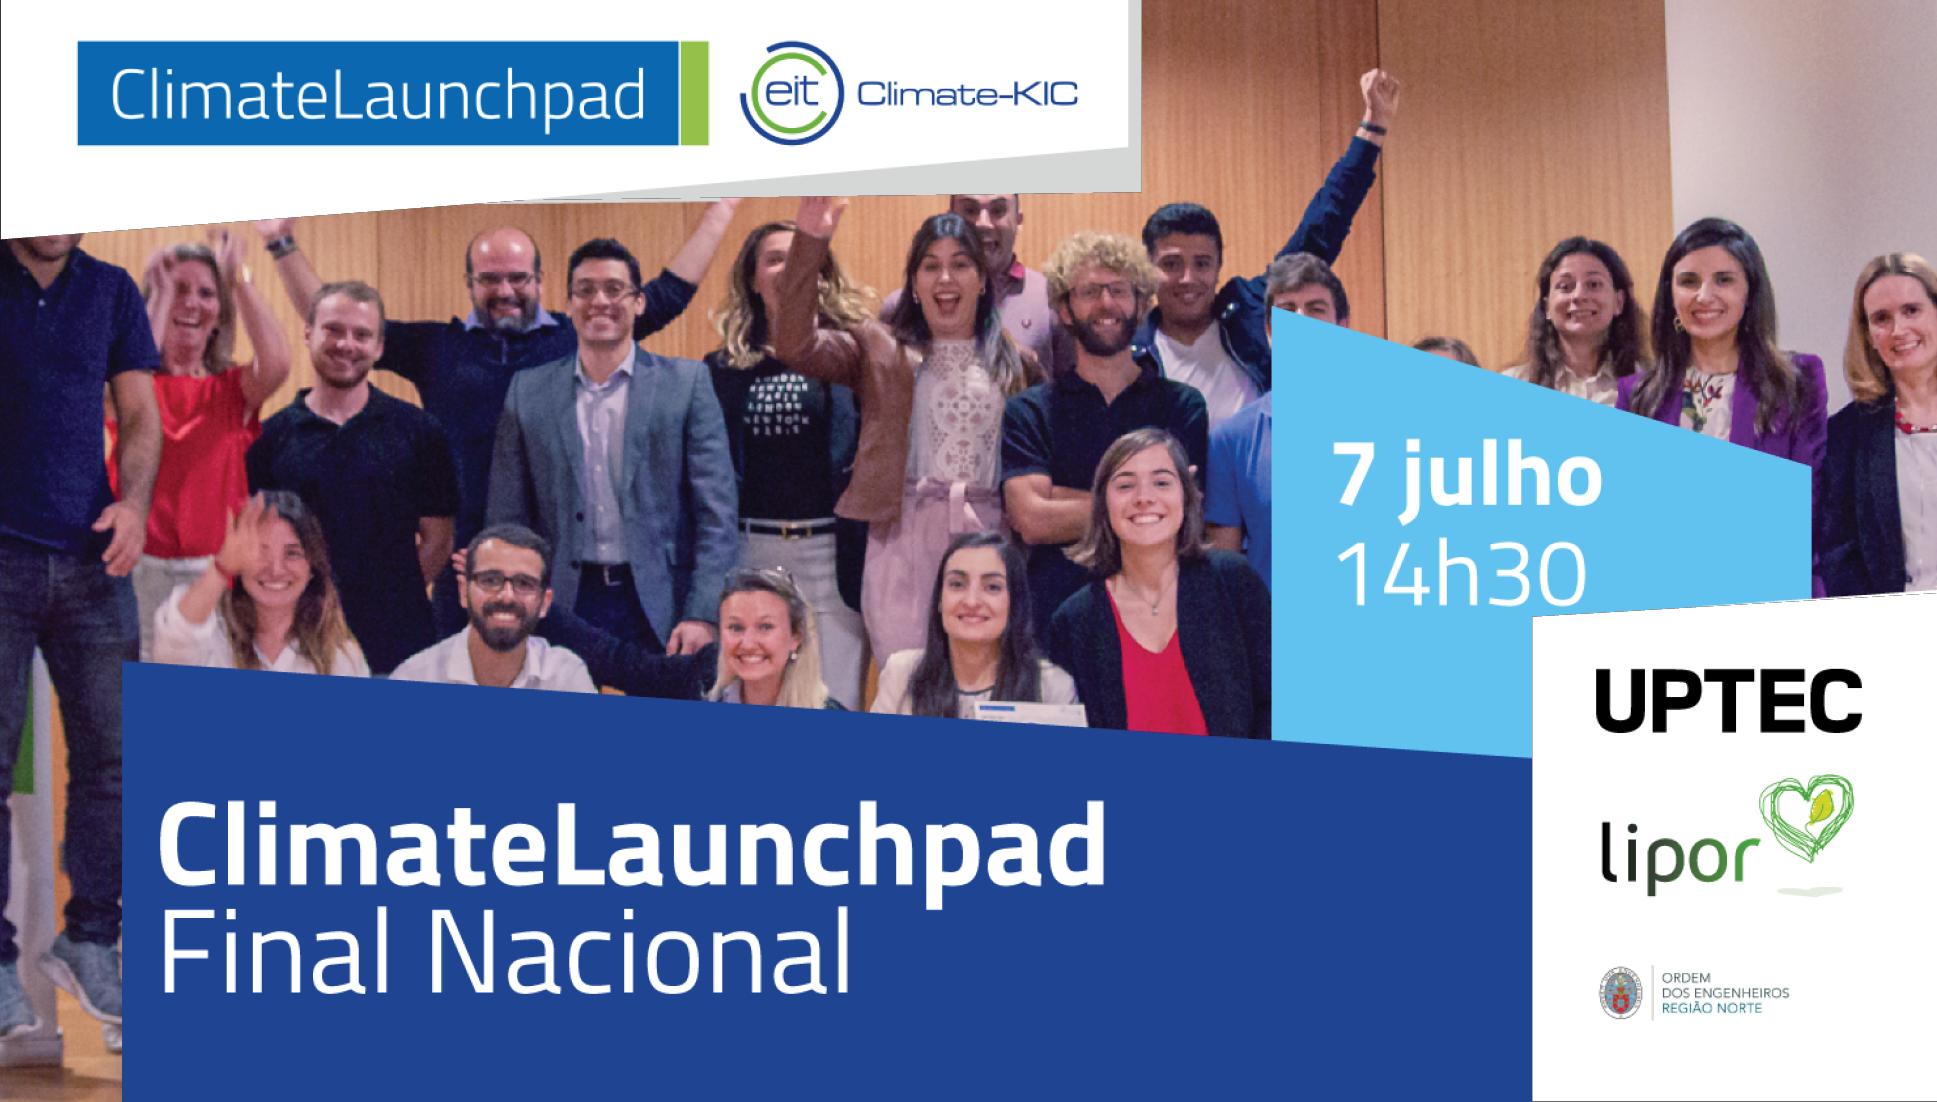 Plataforma Notícias Ordem Engenheiros Região Norte - Final Nacional do ClimateLaunchpad